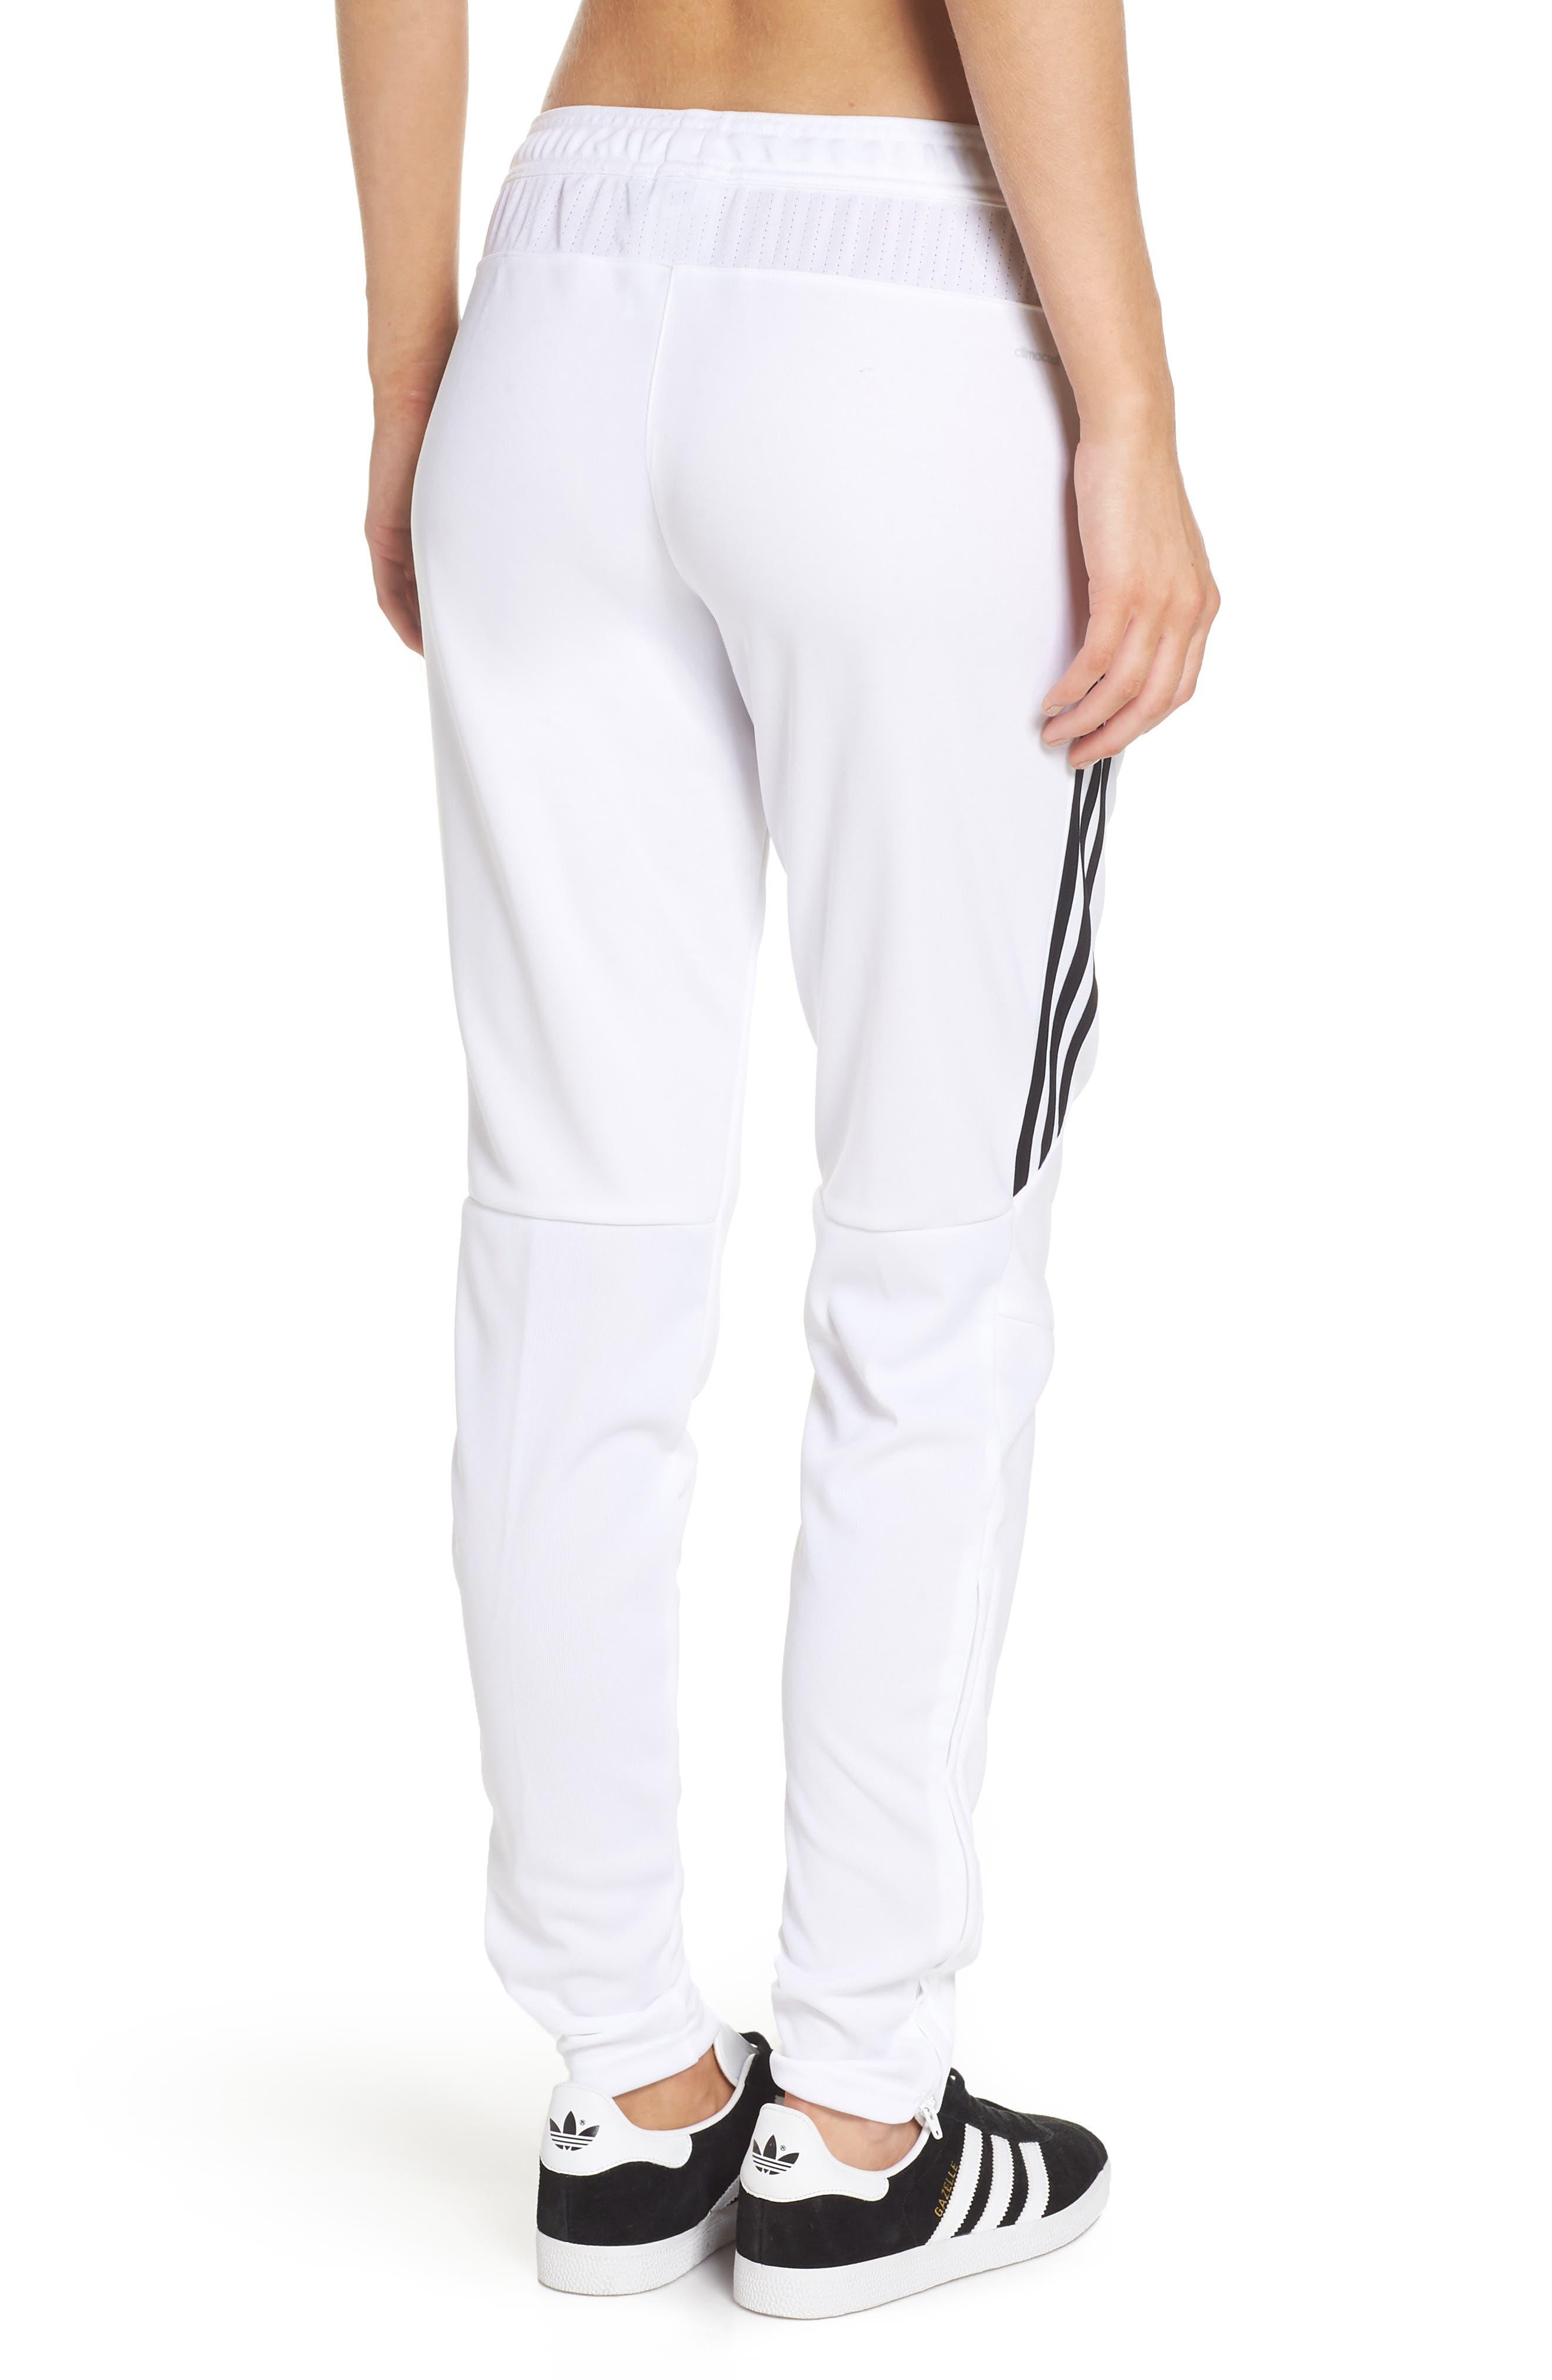 Tiro 17 Training Pants,                             Alternate thumbnail 2, color,                             WHITE/ BLACK